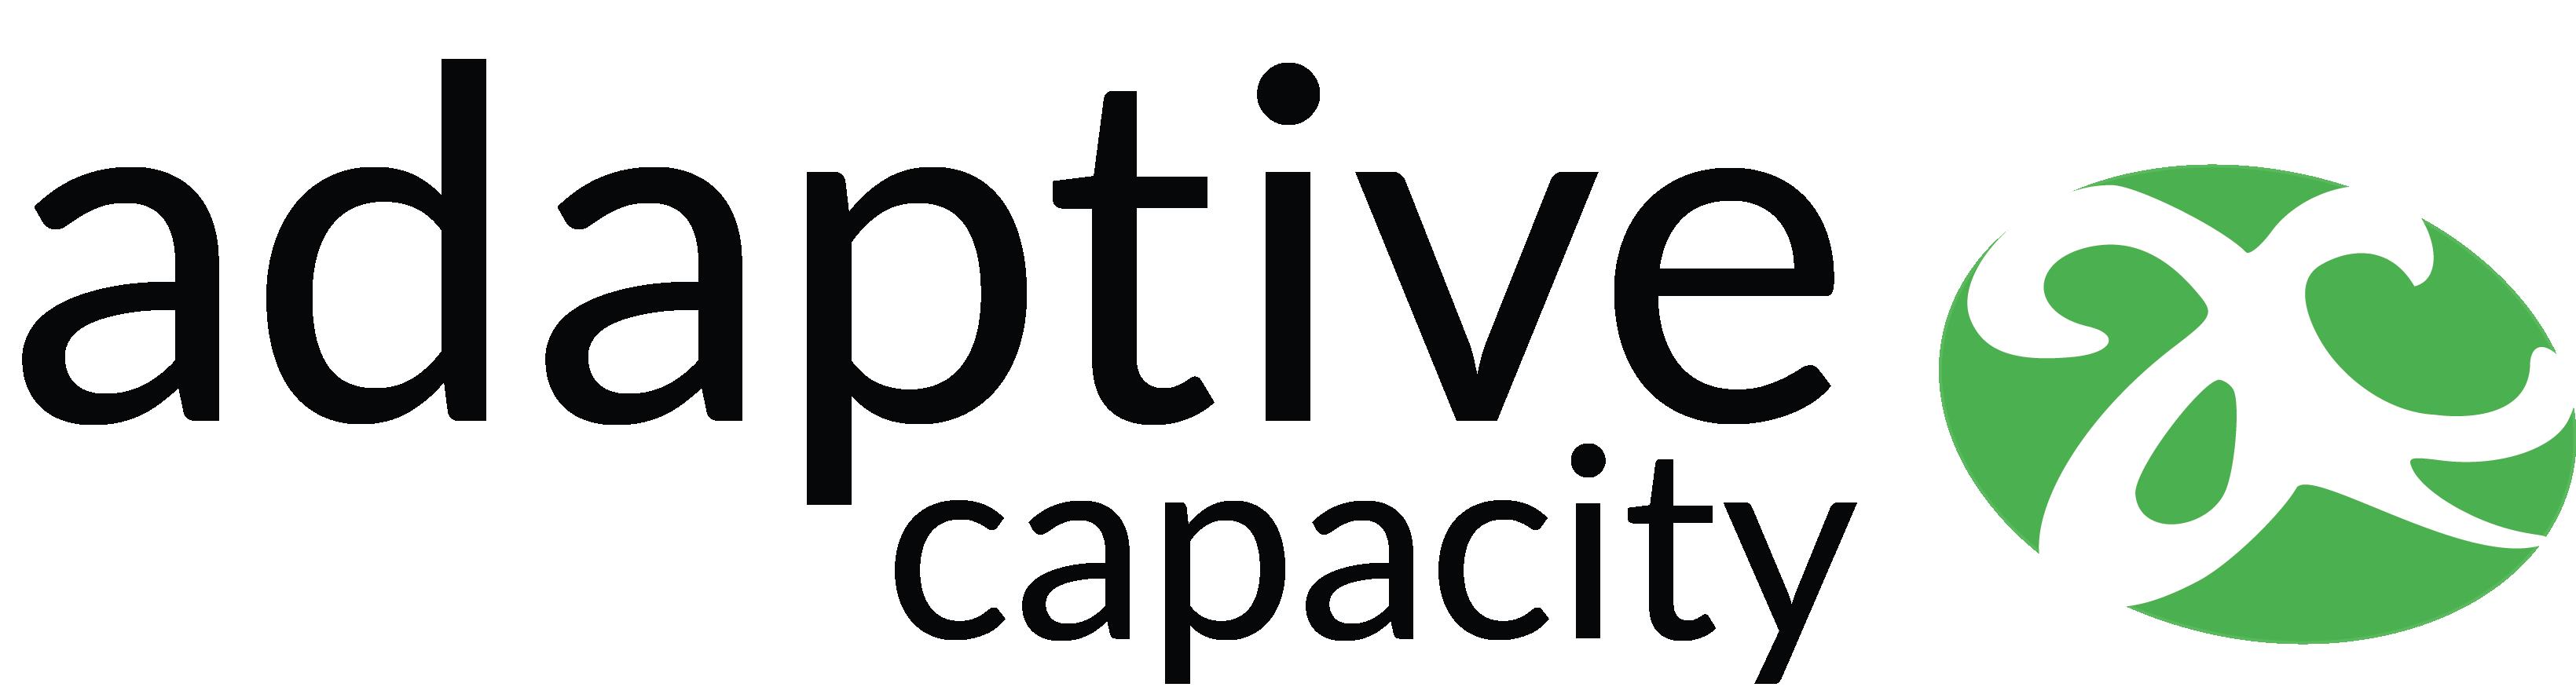 Adaptive Capacity LLC